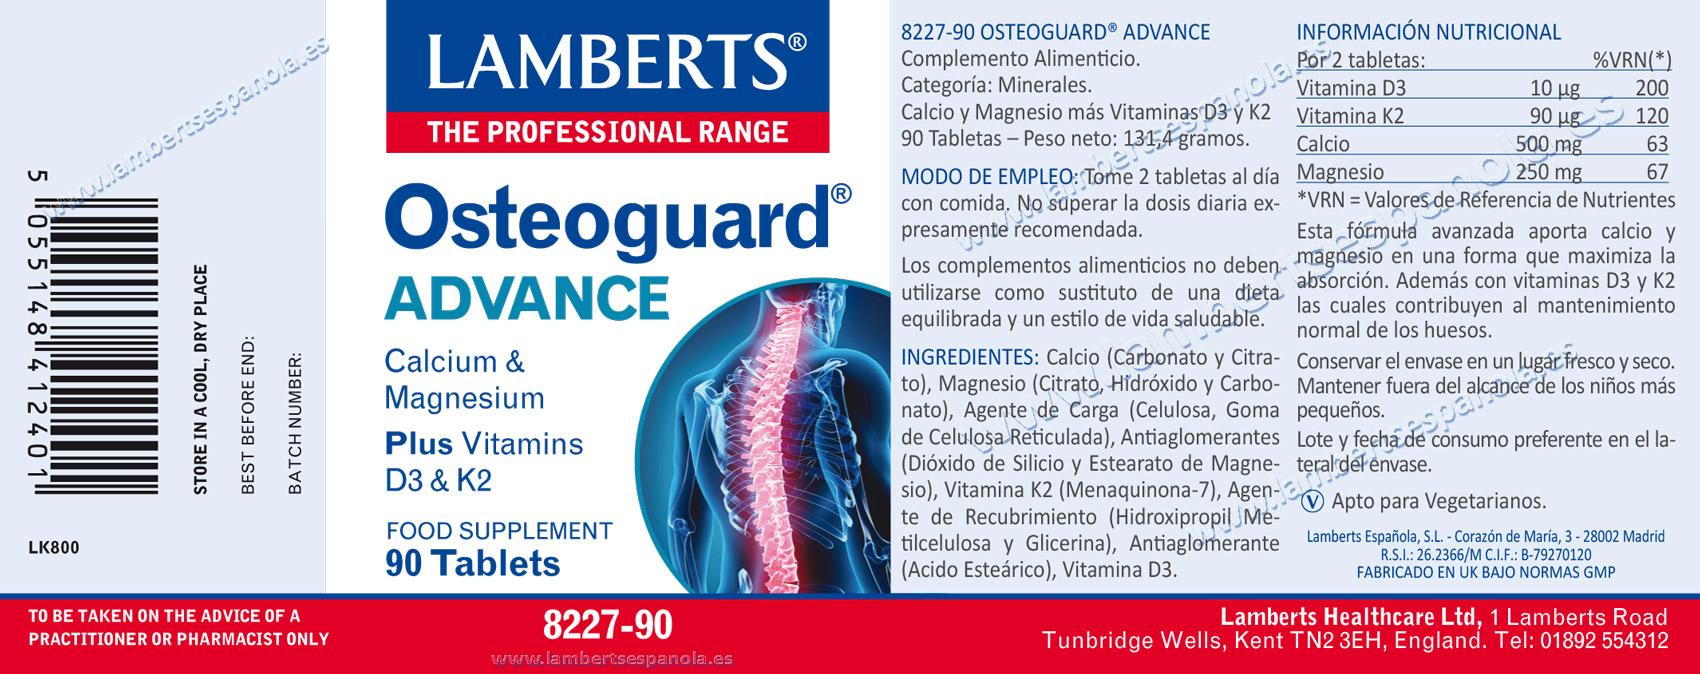 Osteoguard Advance de Lamberts